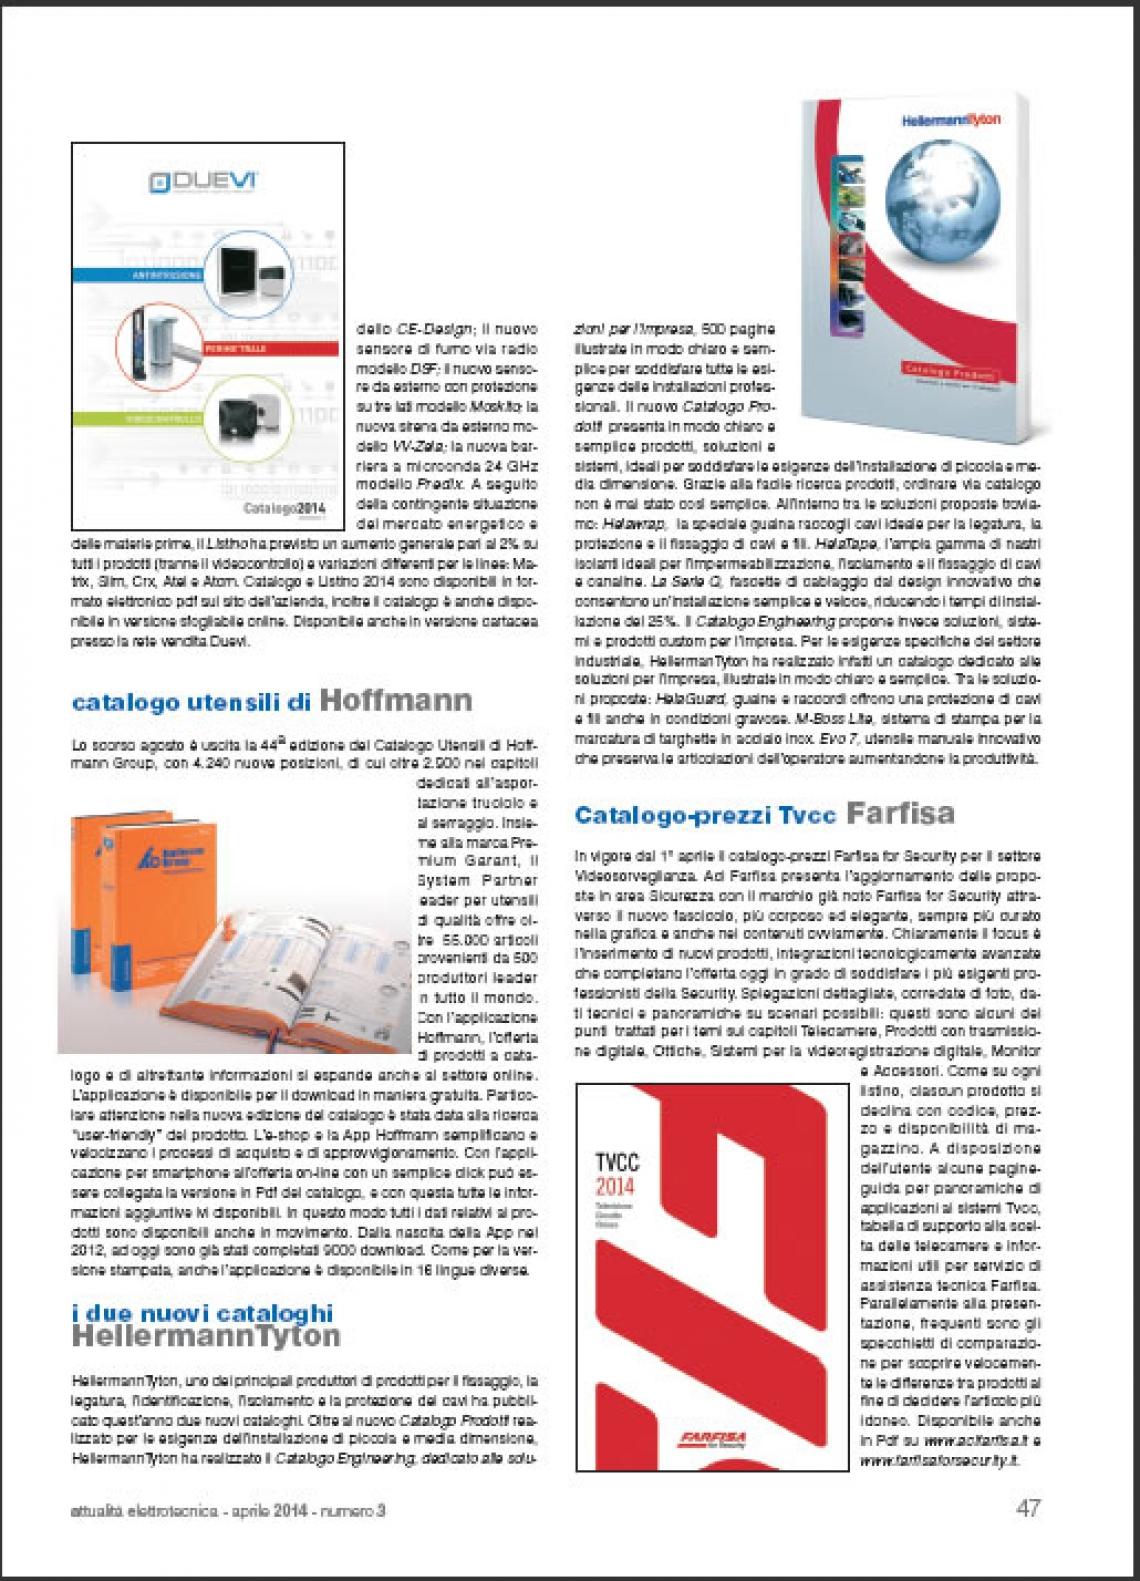 Nuovo catalogo prezzi Farfisa for Security